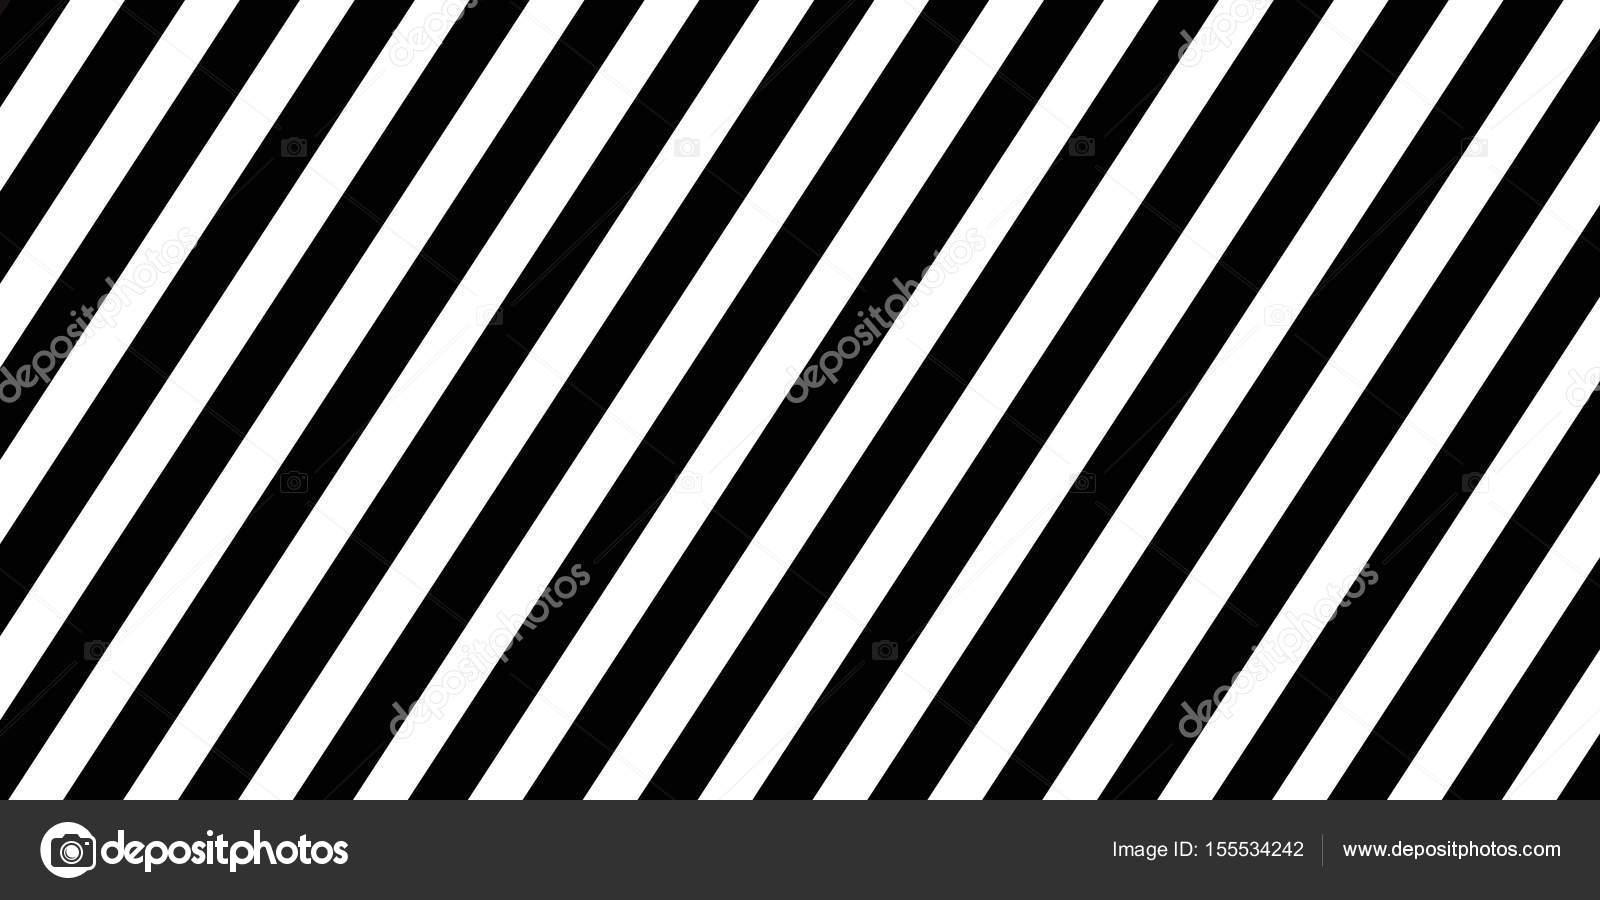 Banniere Horizontale Les Lignes Diagonales Noires Papier Peint